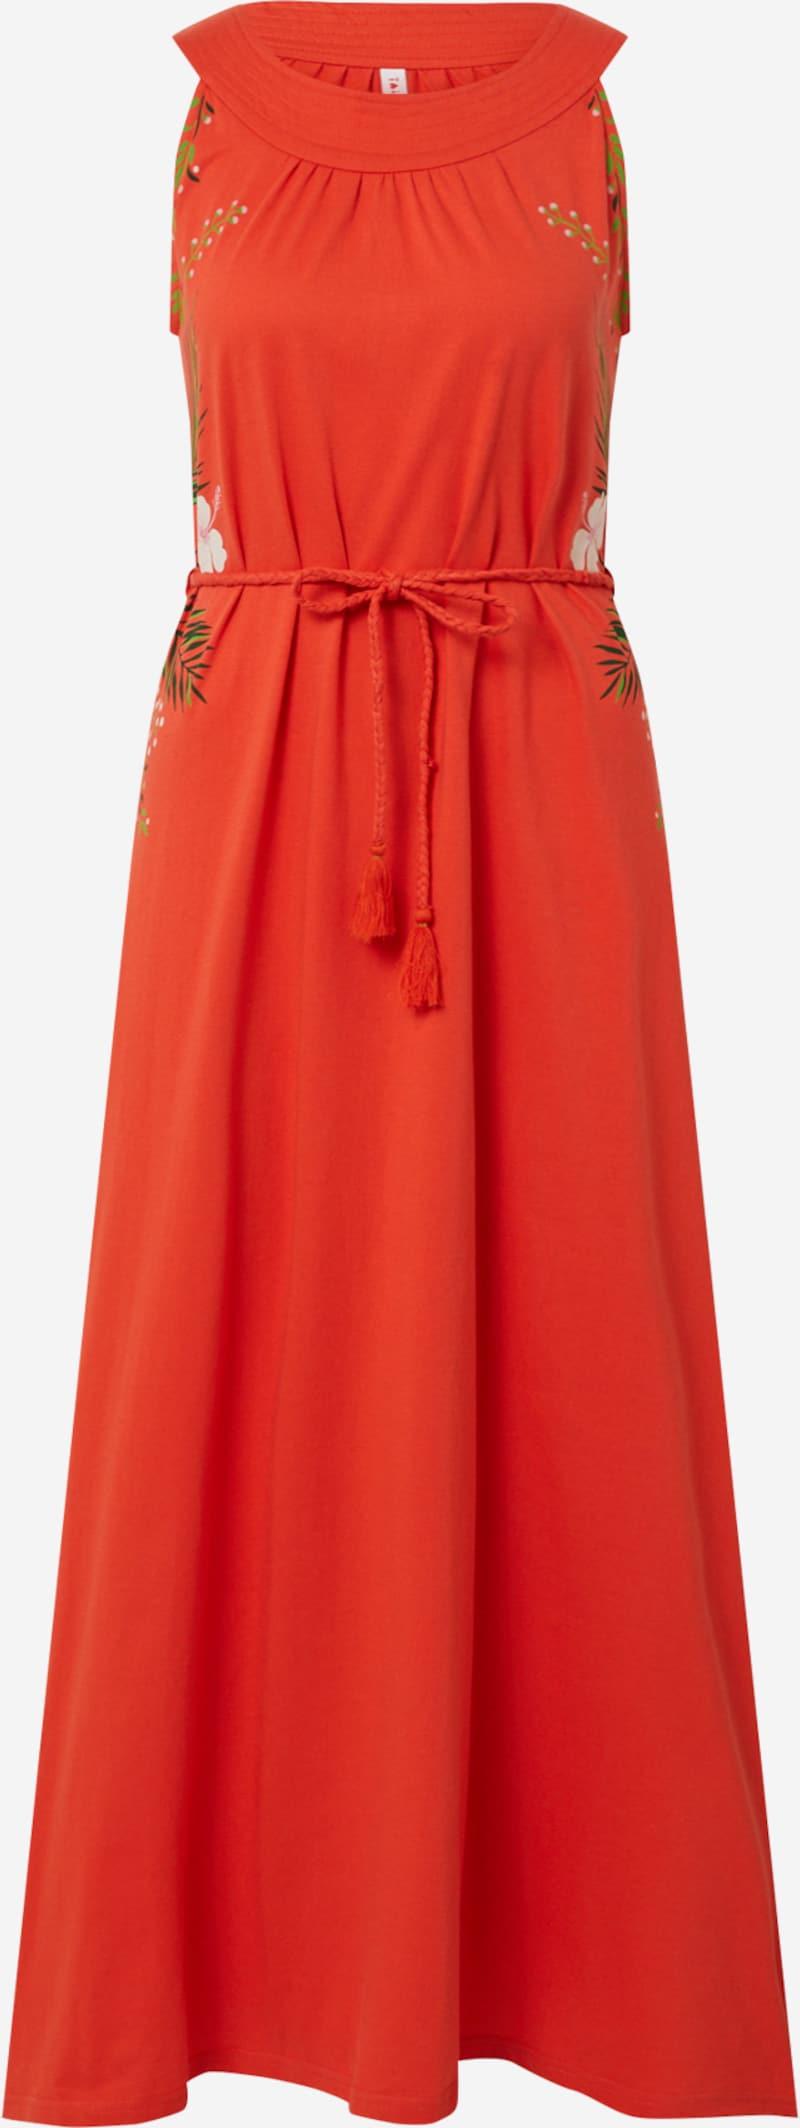 Egyszínű nyári ruhák online vásárlása | ABOUT YOU